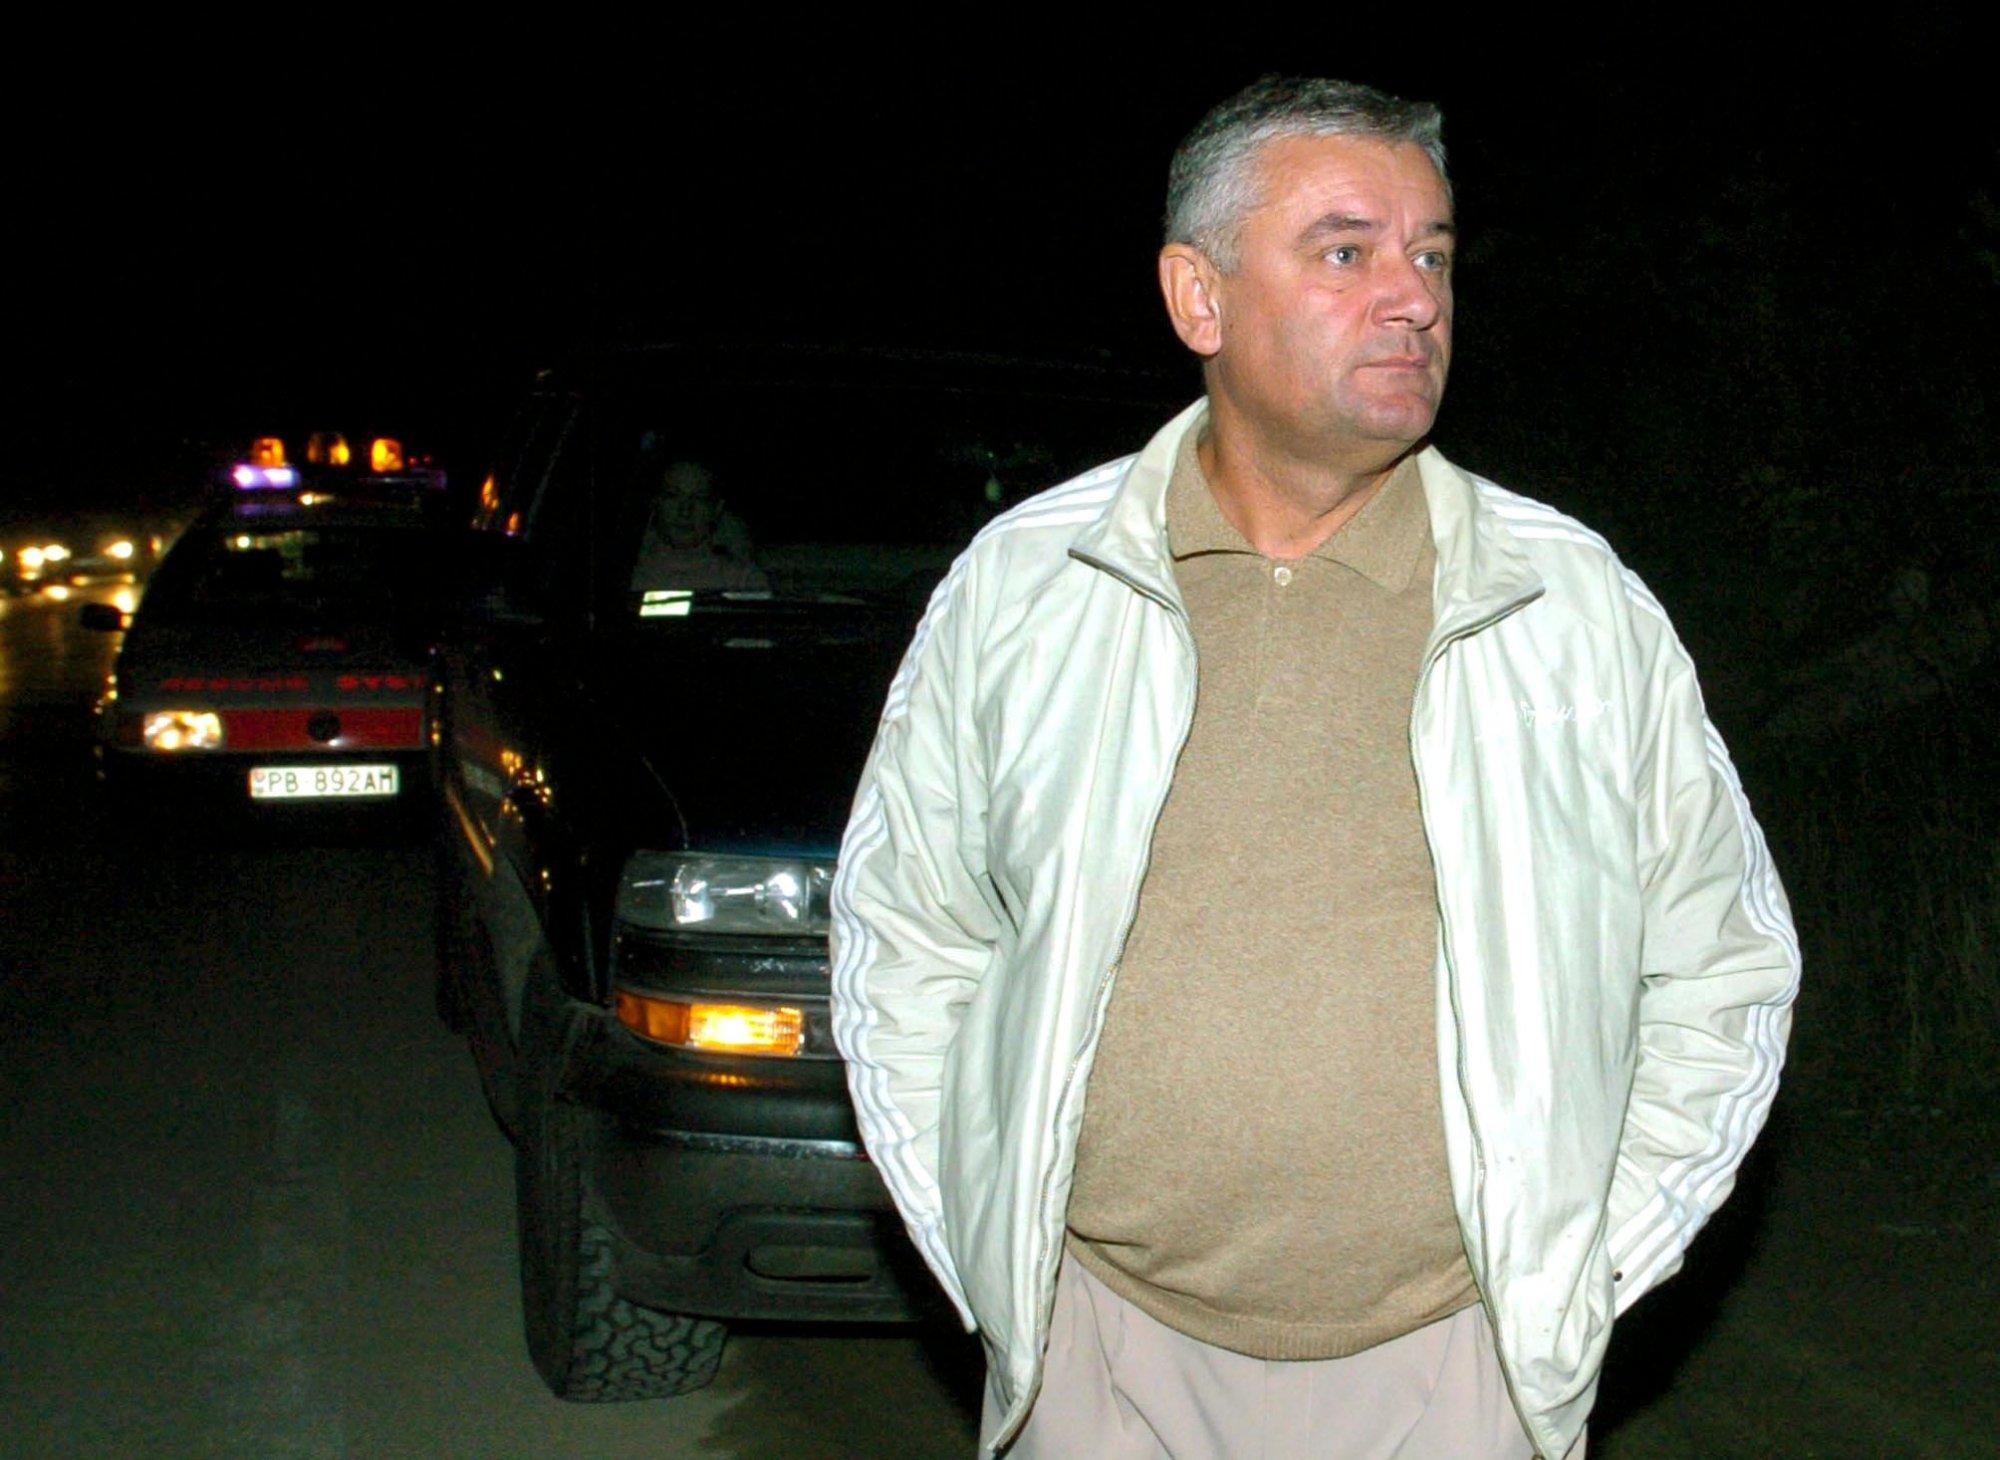 Slota dostal dva roky za ohrozovanie mravnosti a autonehodu s alkoholom – Denník N